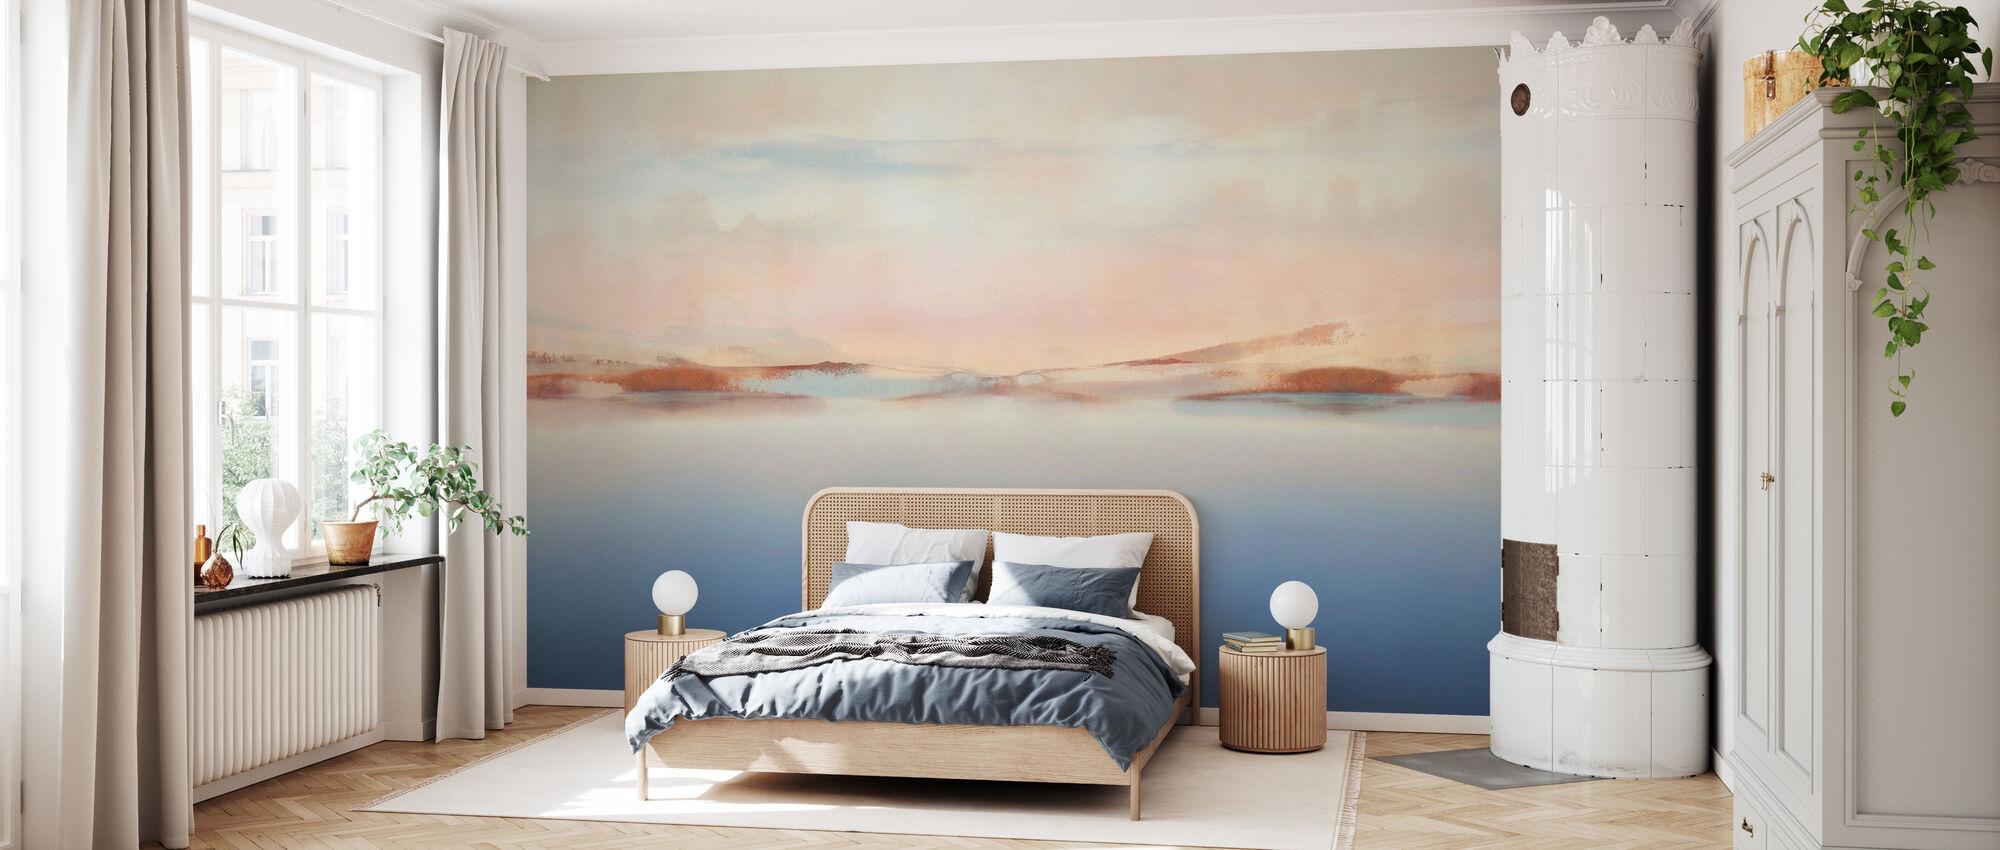 Luce sognante V - Carta da parati - Camera da letto